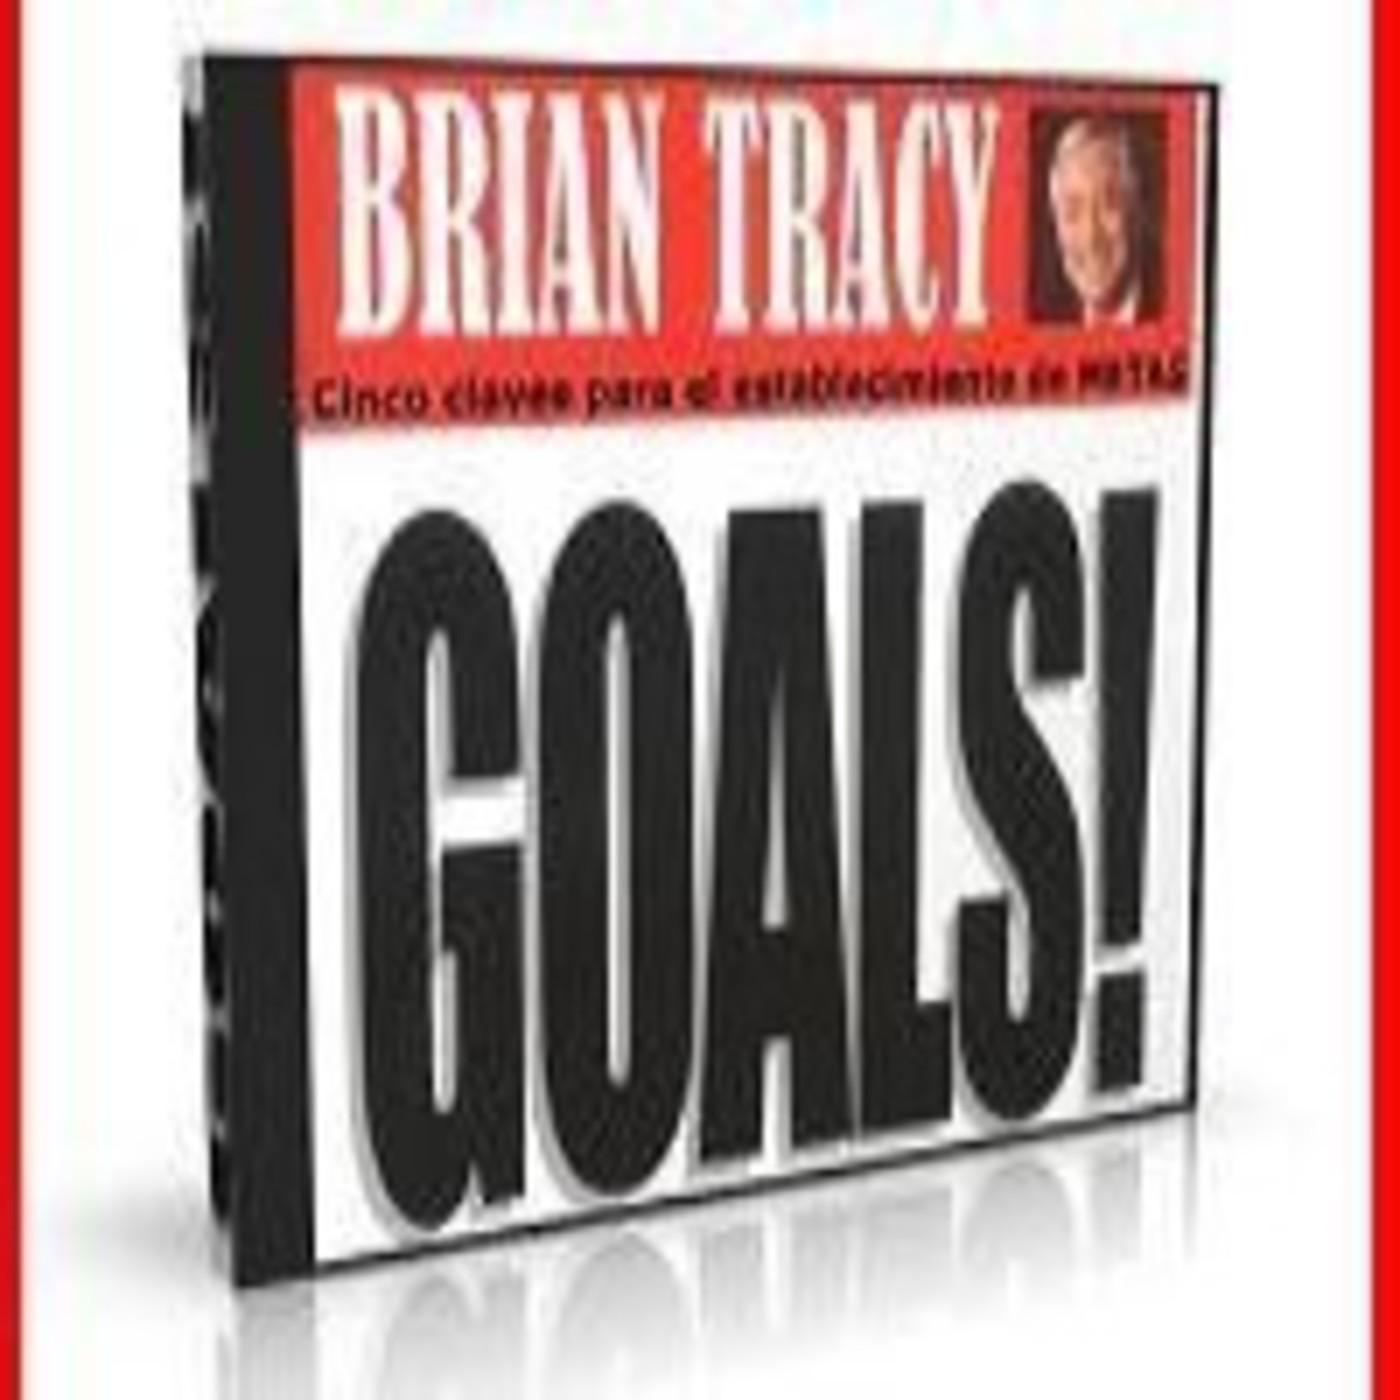 [01/01]GOALS!!! Cinco Claves para el Establecimiento de Metas - Brian Tracy